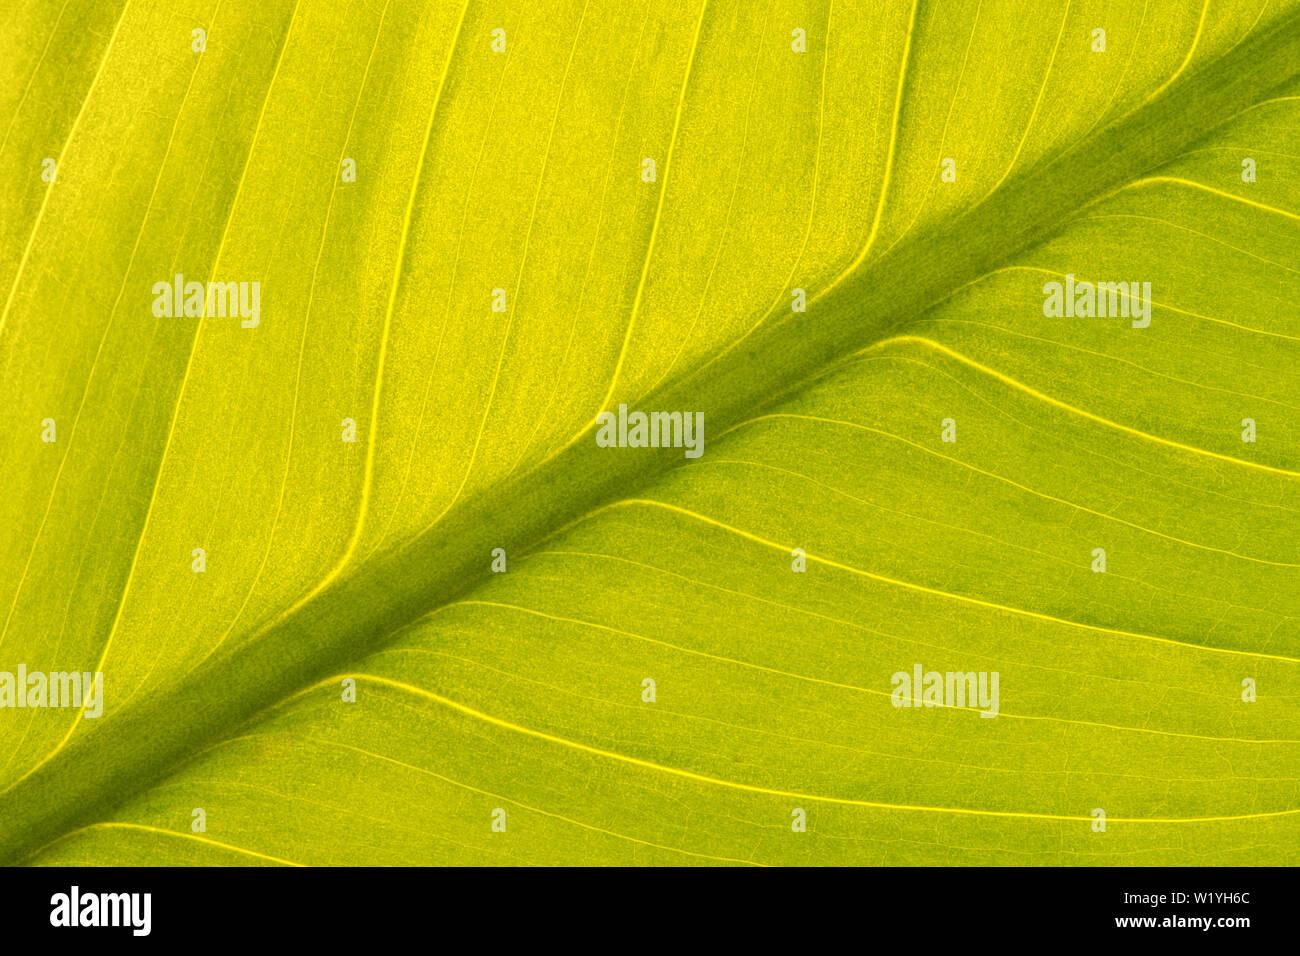 Diagonal simétrica vista de un verde hoja Espatifilo (Spathiphyllum) con retroiluminación para darle un resplandor suave y texturas interesantes. Foto de stock